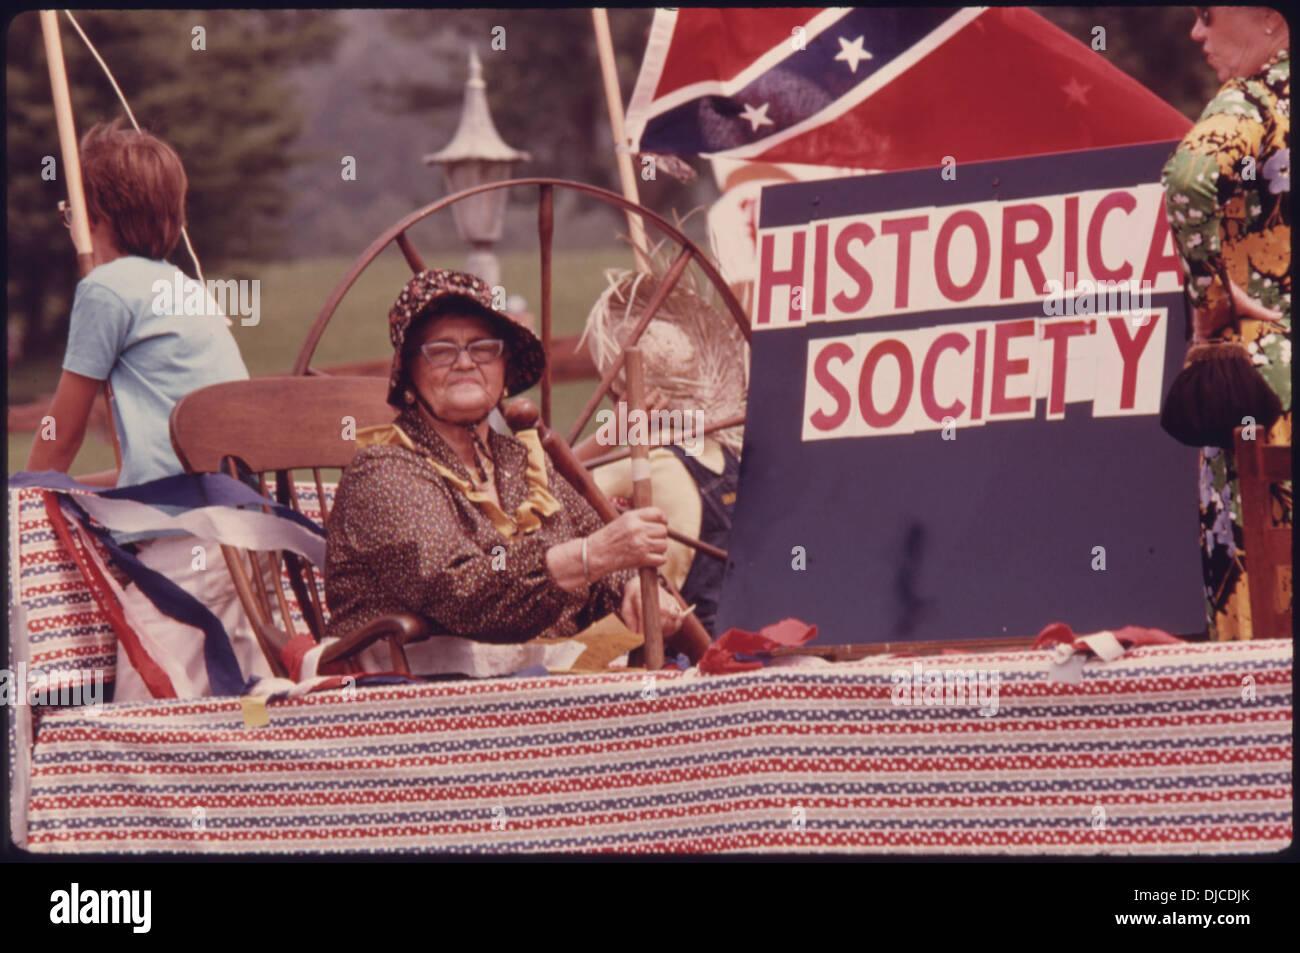 La sociedad histórica del condado blanco flotar en un cuarto de julio desfile POR LA CALLE PRINCIPAL EN HELEN, Georgia, cerca de . 711. Imagen De Stock